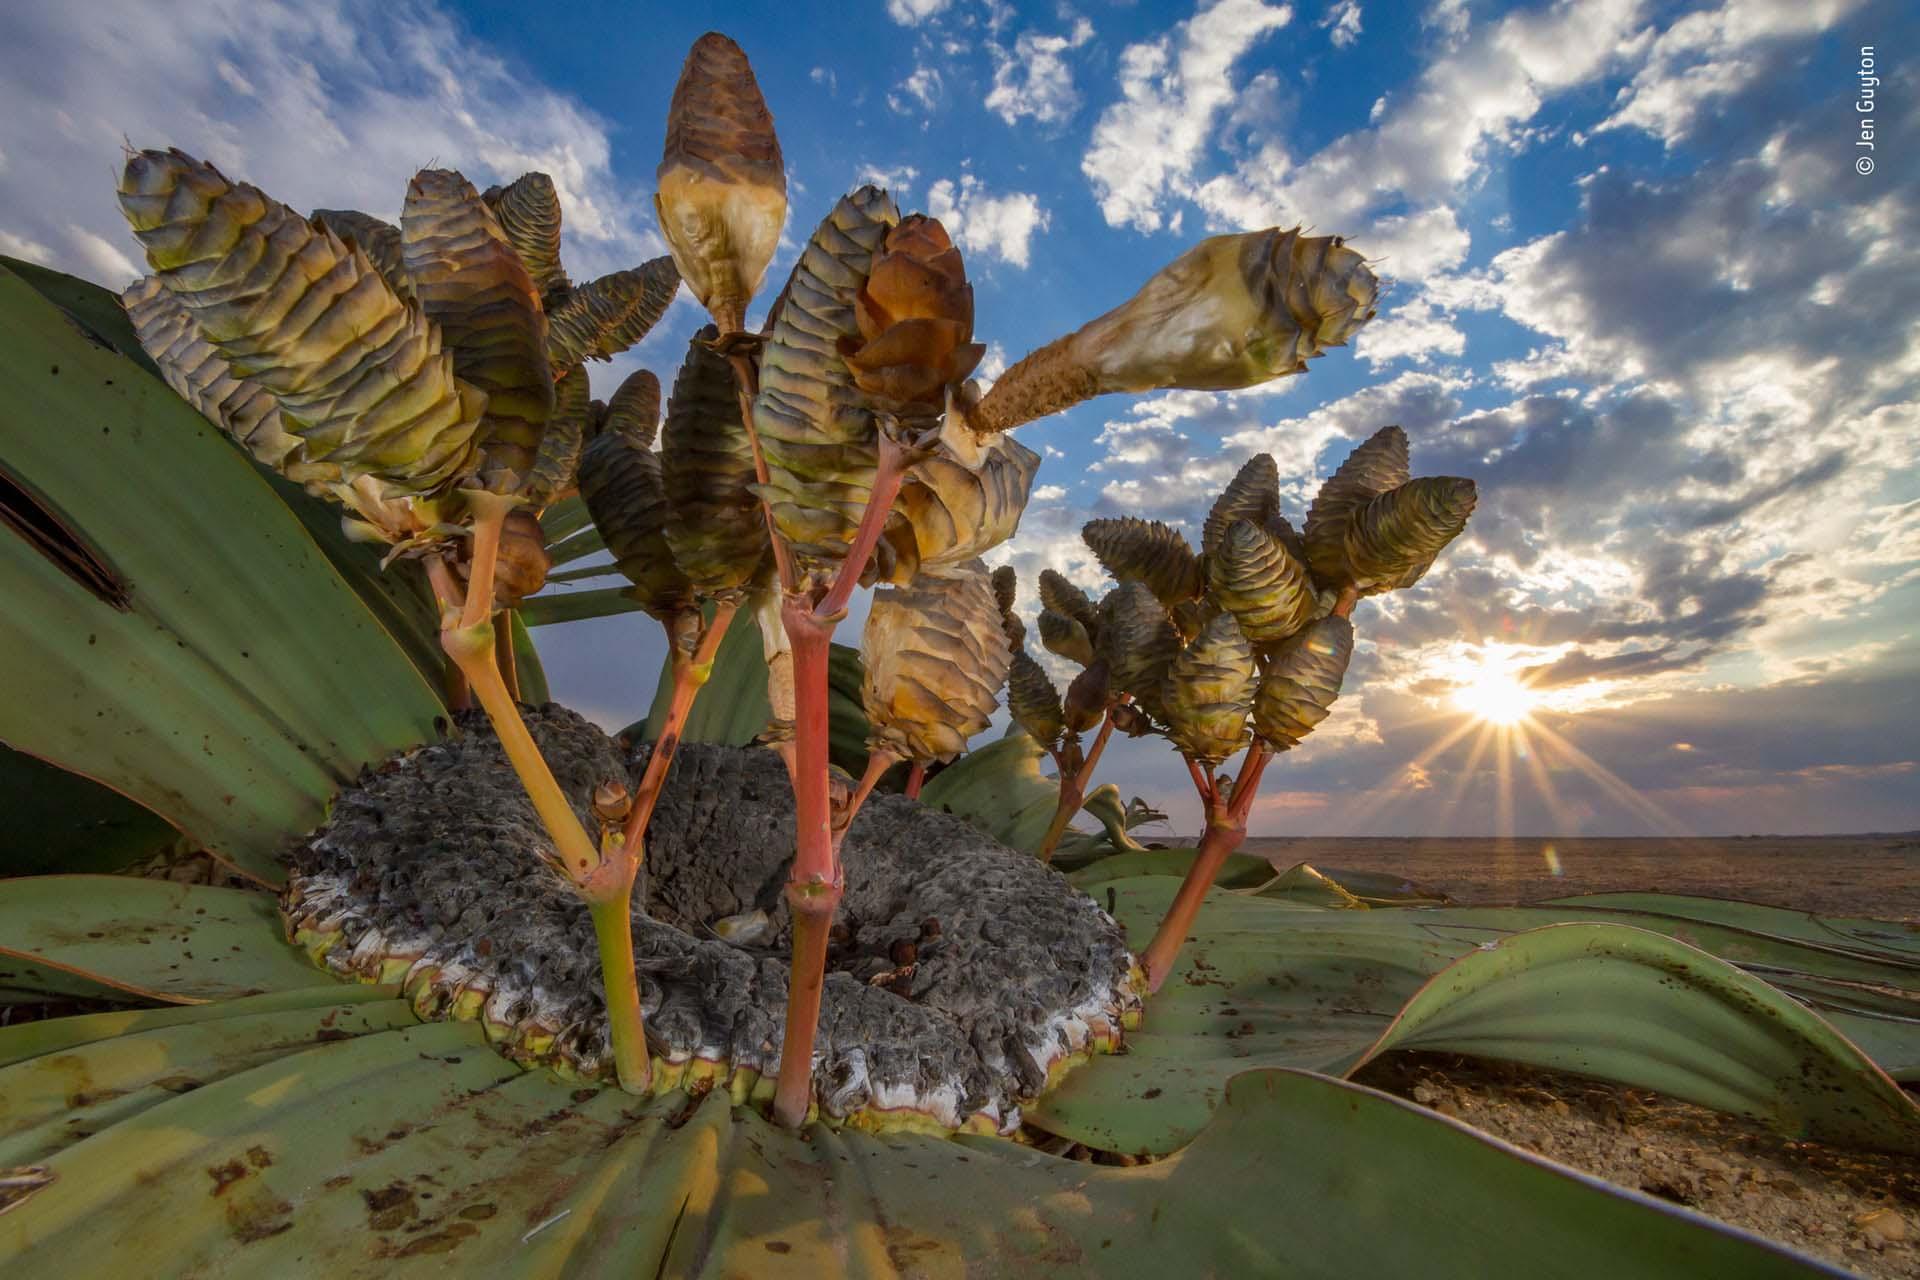 'Reliquia del desierto': Jen Guyton había caminado todo el día por el desierto de Namib buscando la planta perfecta para fotografiar antes de finalmente detectar a este sujeto de hojas irregulares. Adoptando un ángulo bajo y amplio, captó la arquitectura y los tonos vibrantes de la planta contra el paisaje justo cuando el sol se ponía